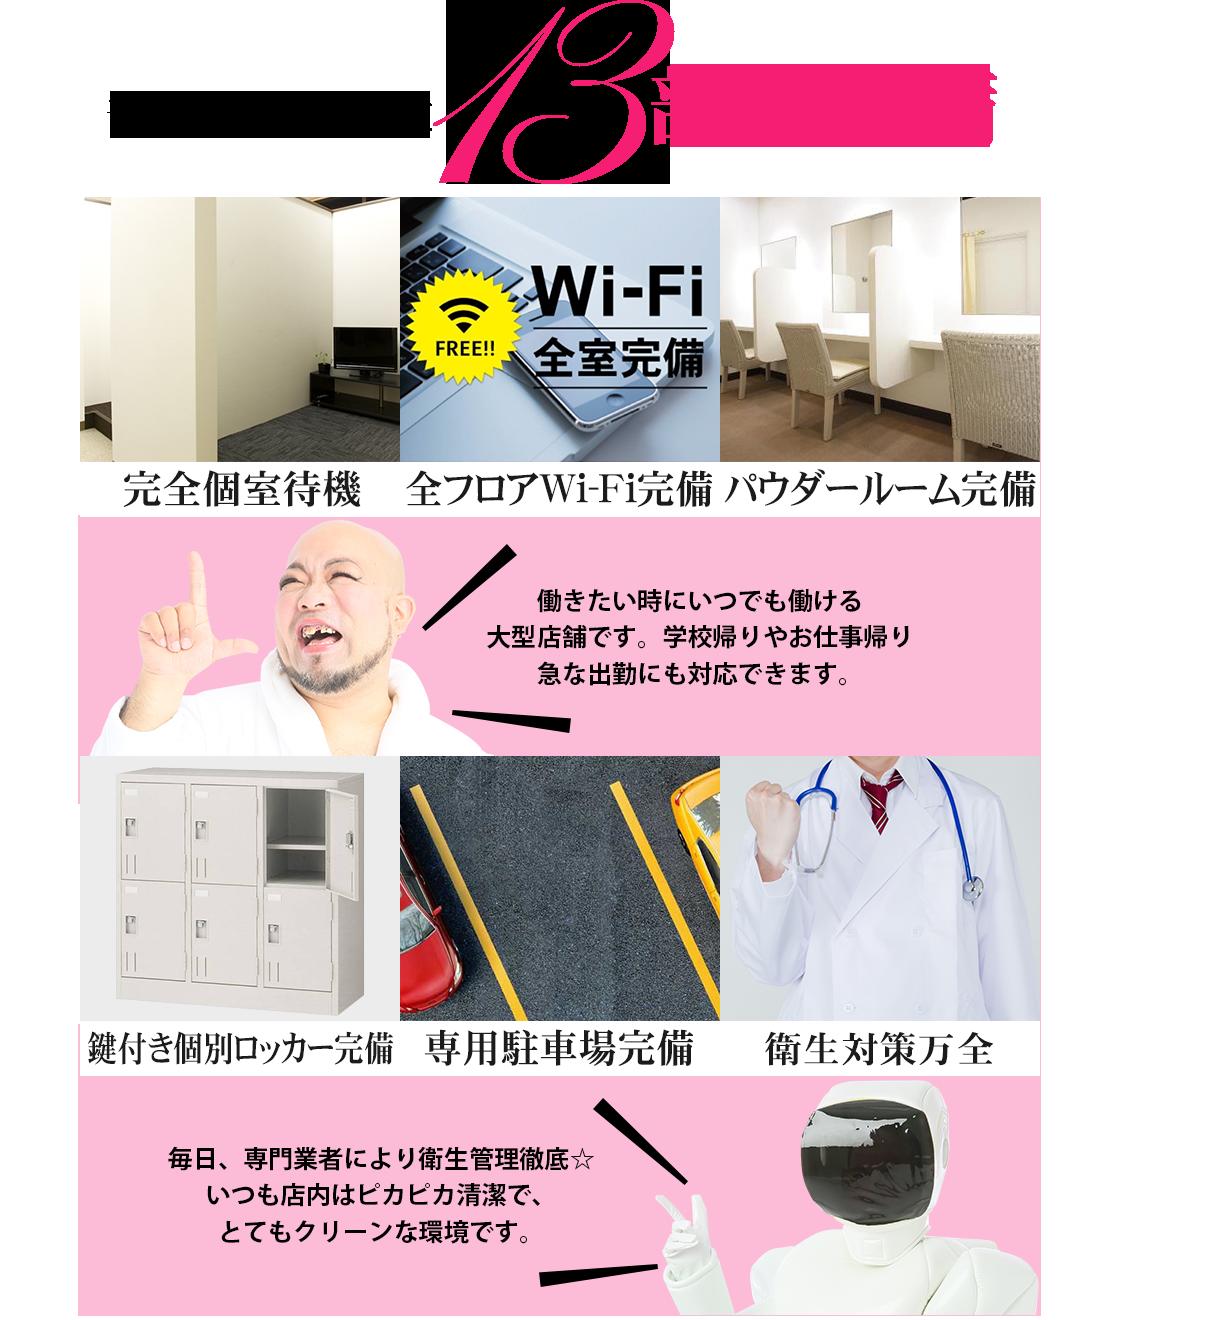 千葉・栄町のソープランド【アラカルト】求人!!働きたい時にいつでも働ける 大型店舗です。学校帰りやお仕事帰り 急な出勤にも対応できます。